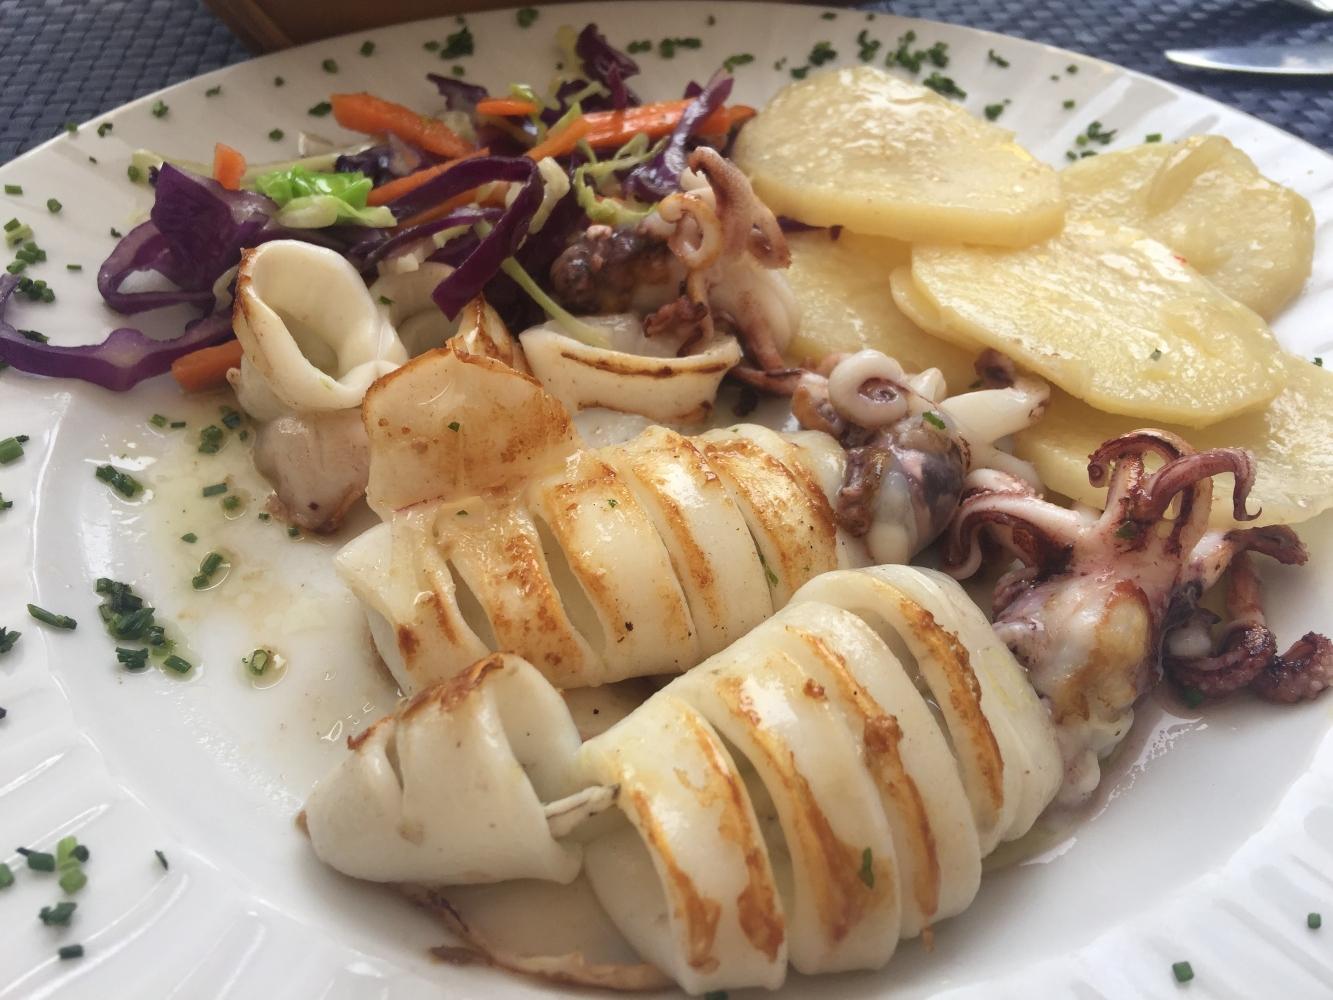 lulas grelhadas com batata cozida